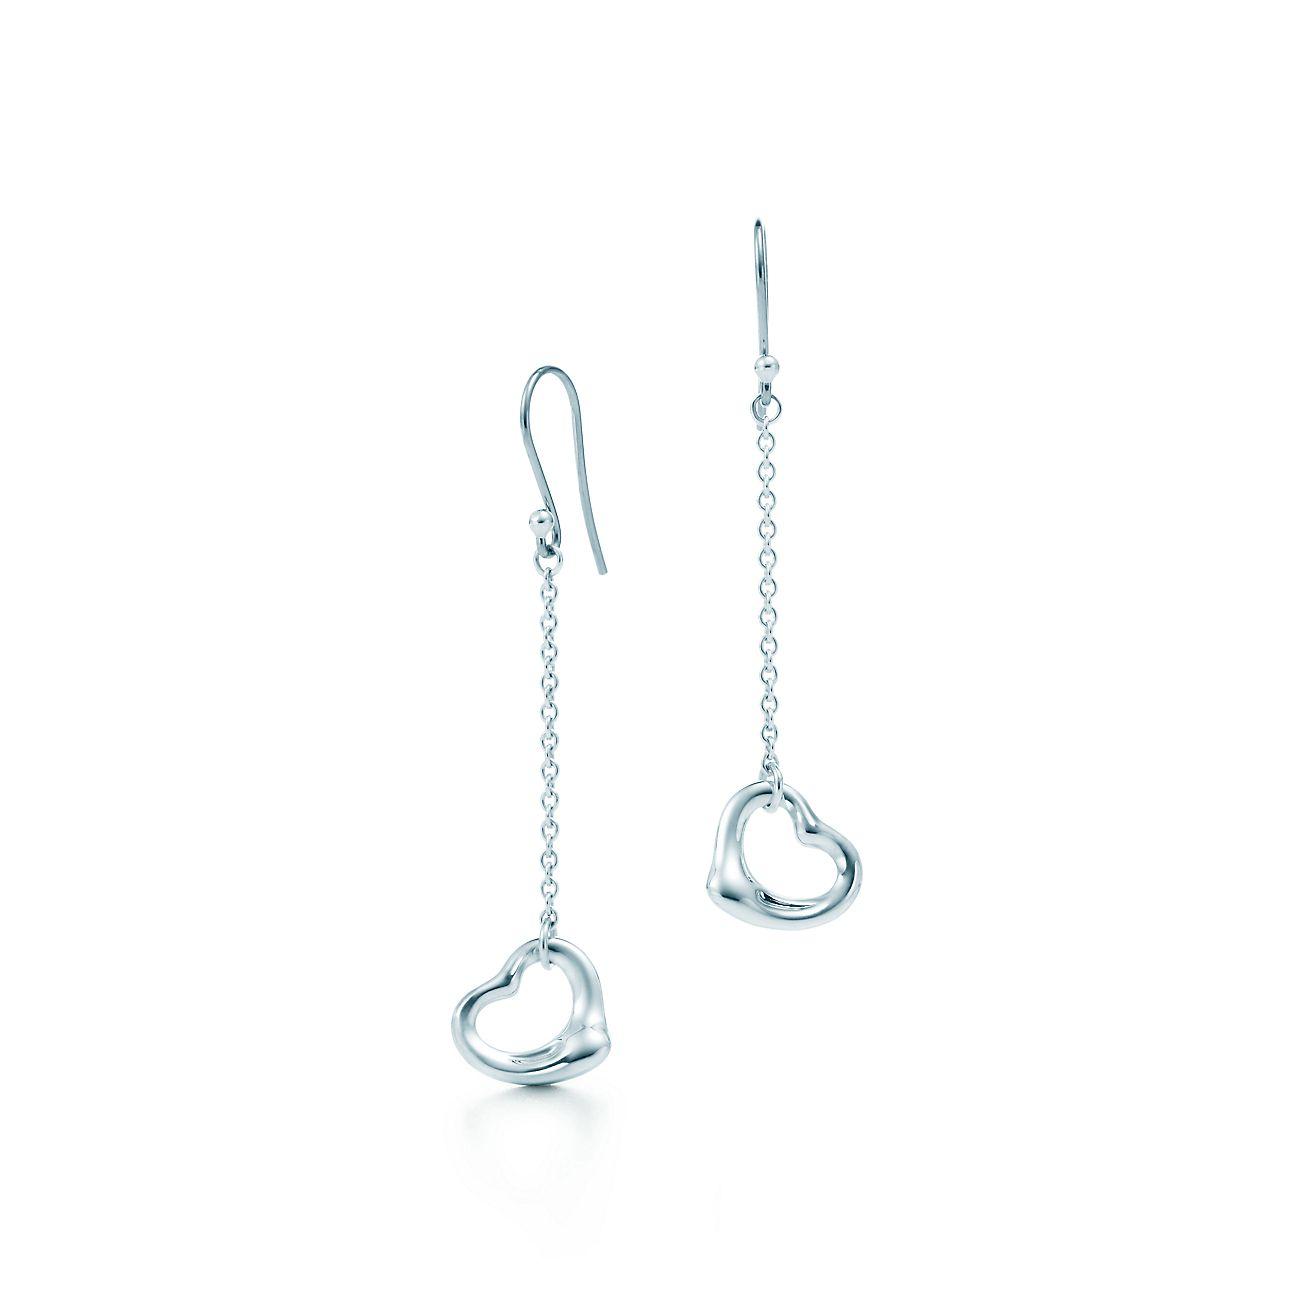 Elsa Peretti Open Heart Drop Earrings